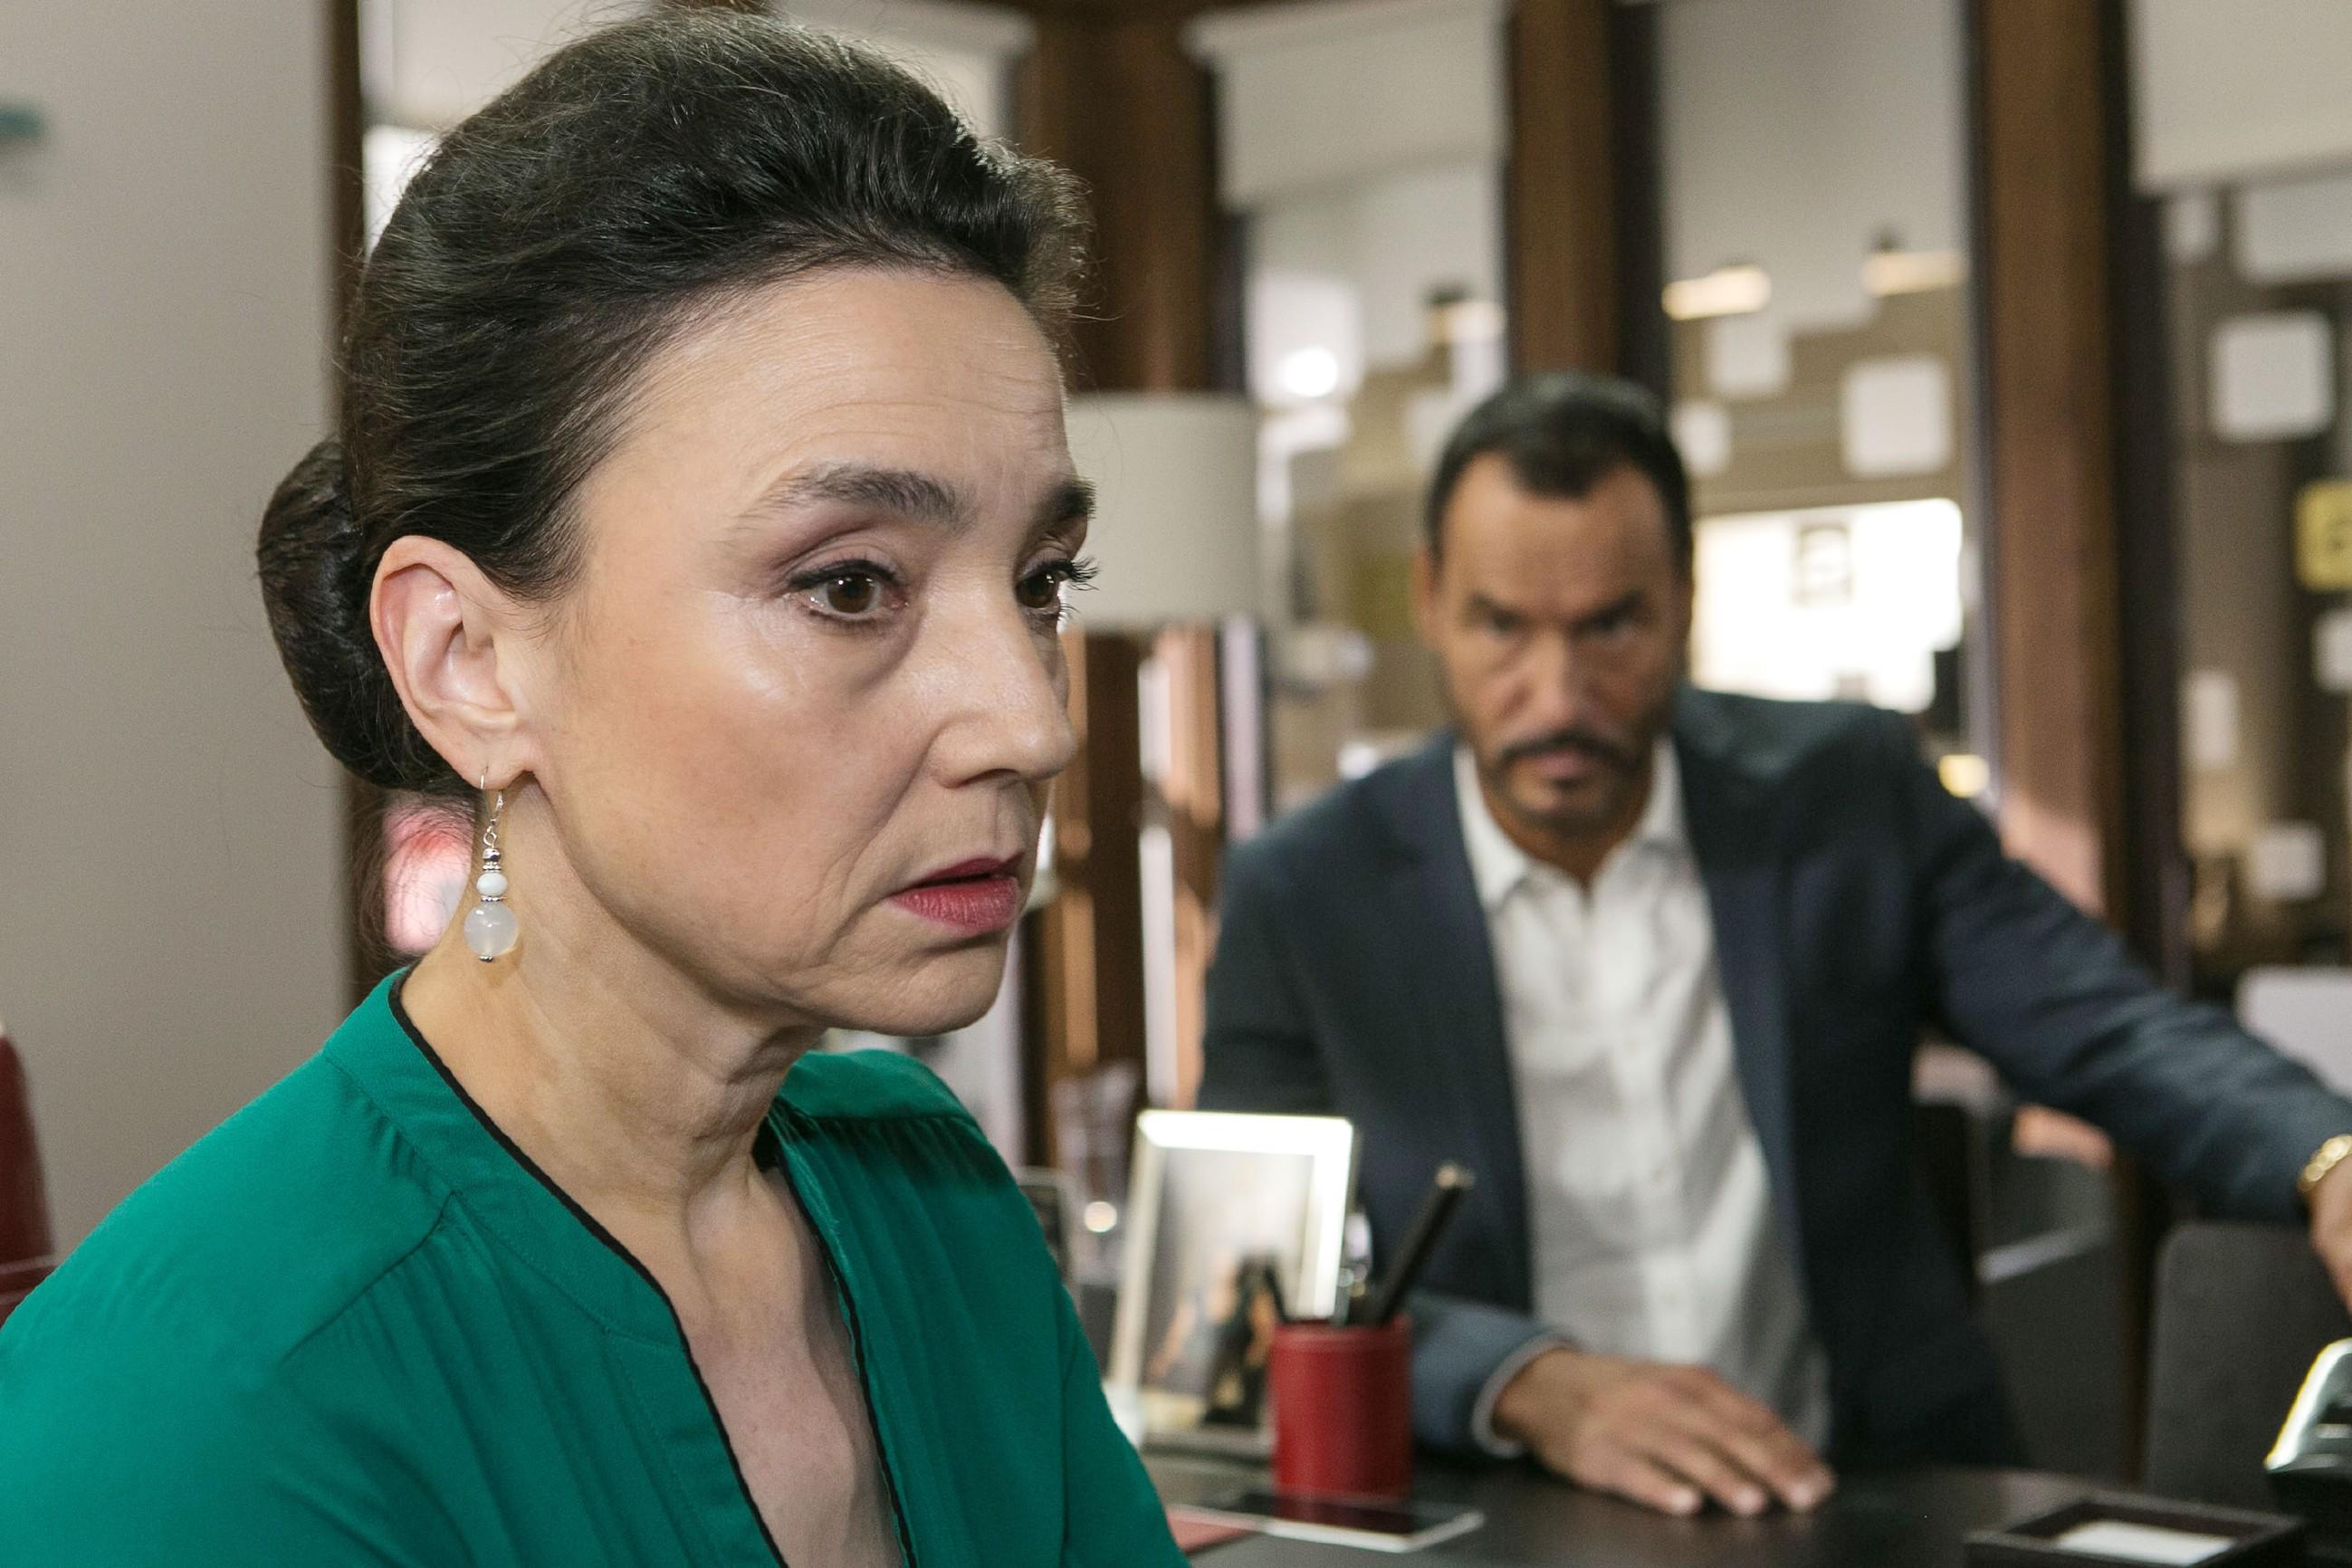 Bei einem Streit mit Richard (Silvan-Pierre Leirich) gesteht Simone (Tatjana Clasing) endlich ein, einen Fehler gemacht zu haben... (Quelle: RTL / Kai Schulz)